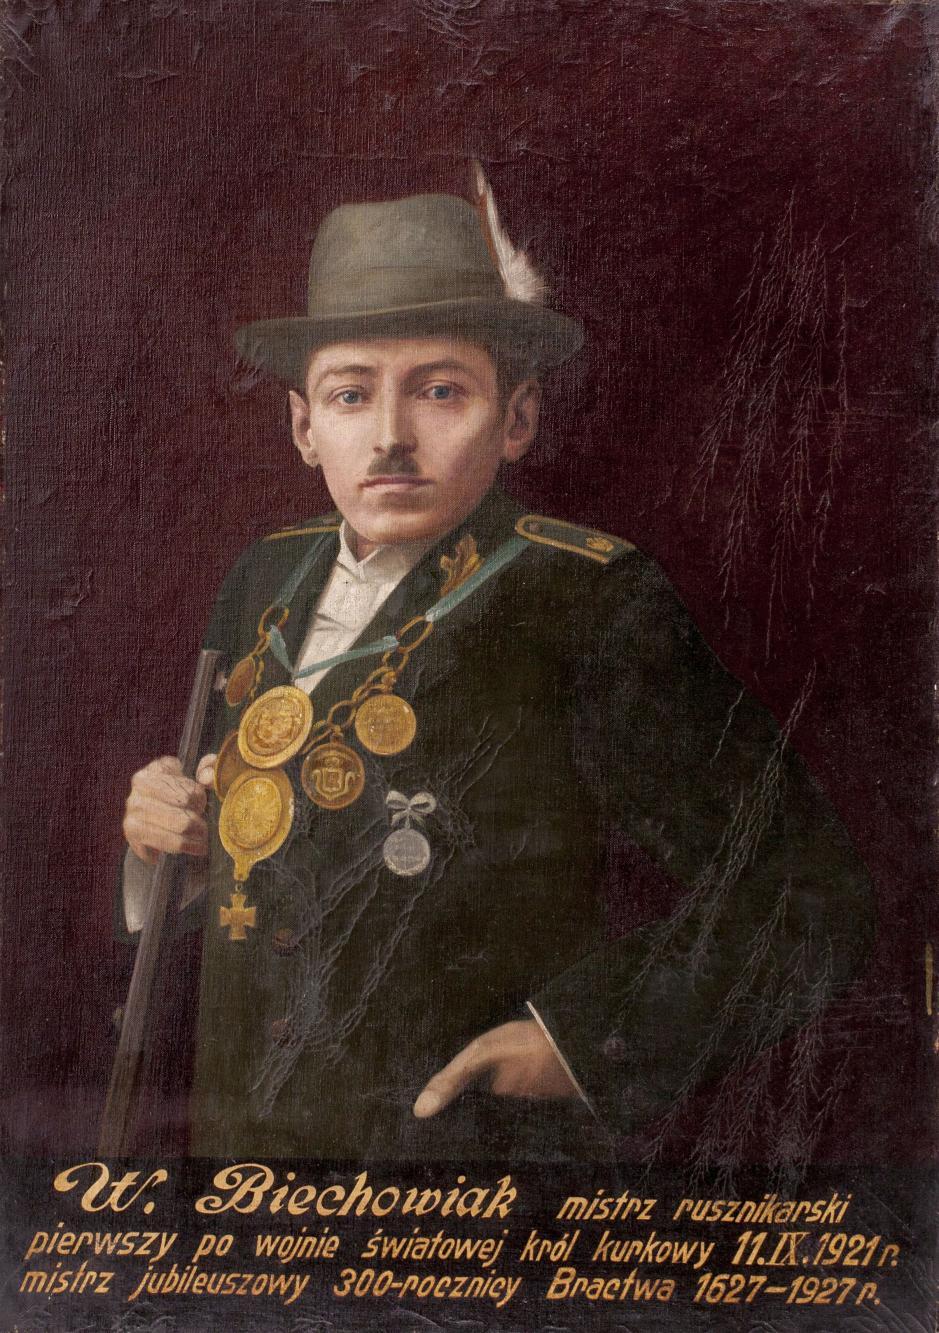 Portret króla kurkowego Walentego Biechowiaka